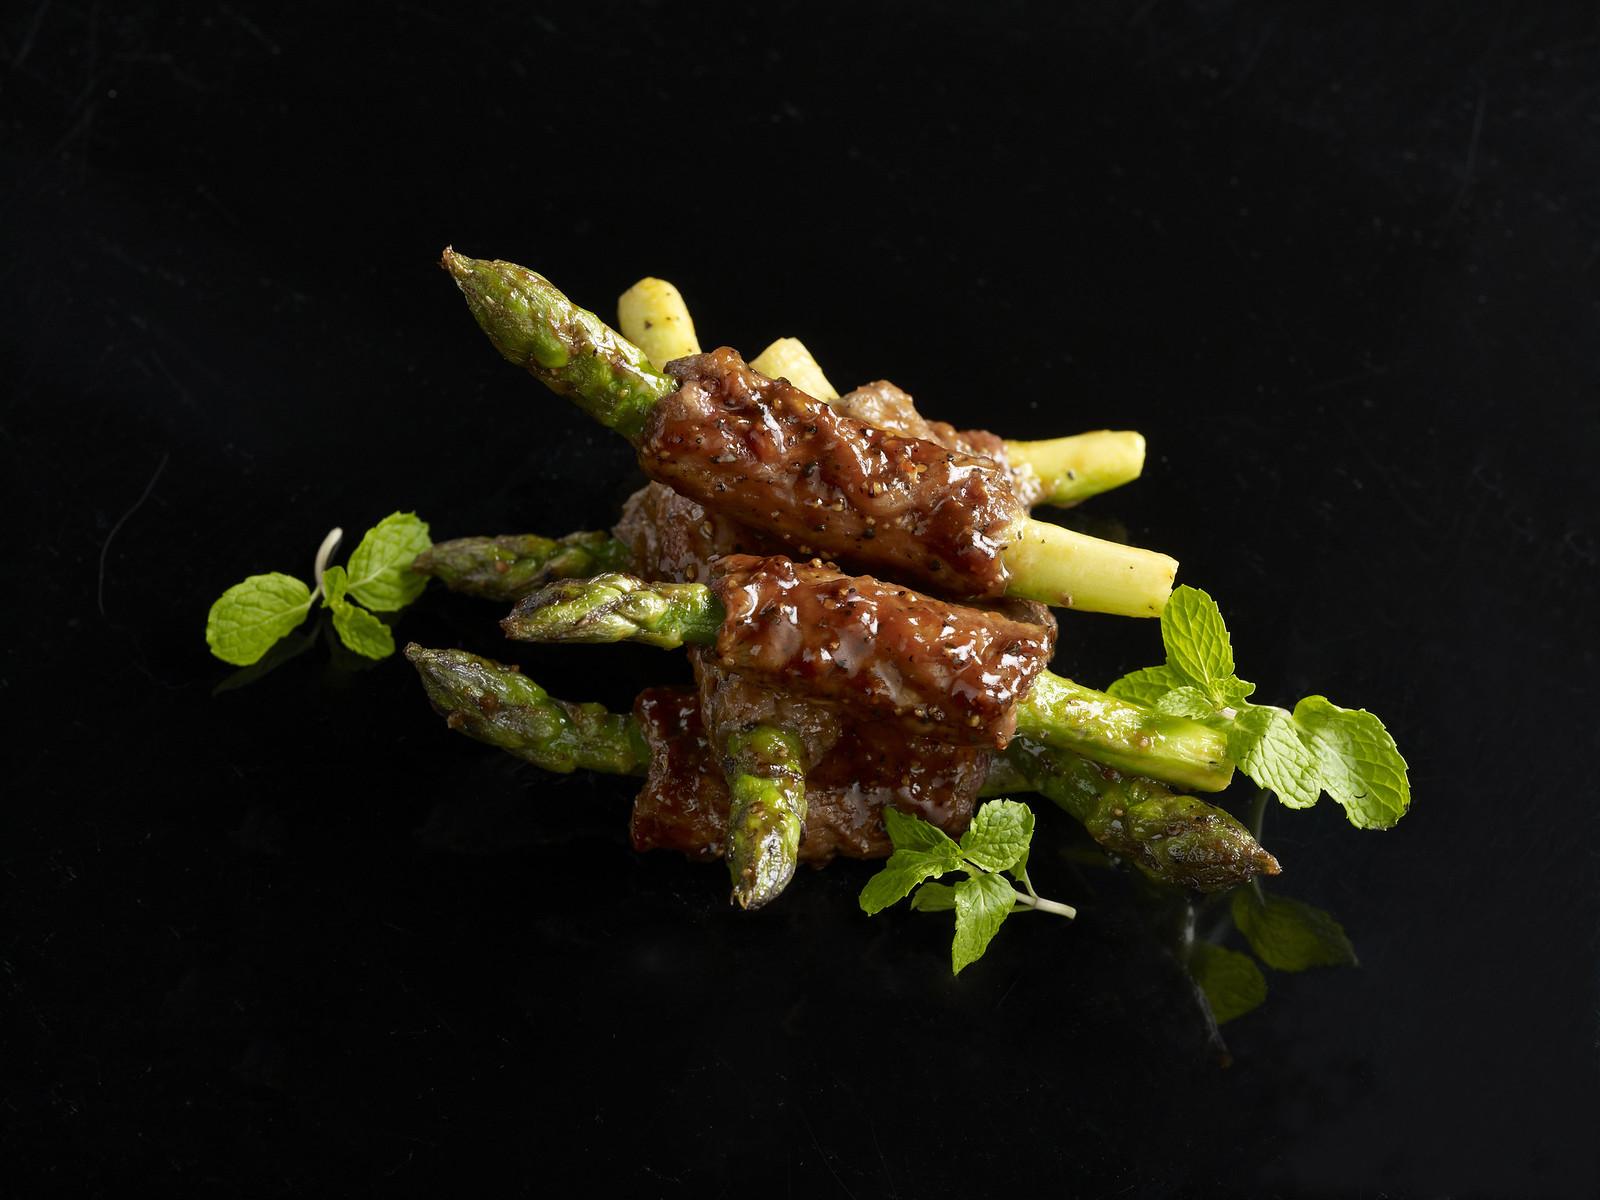 米索鹿肉配芦笋黑椒薄荷汁